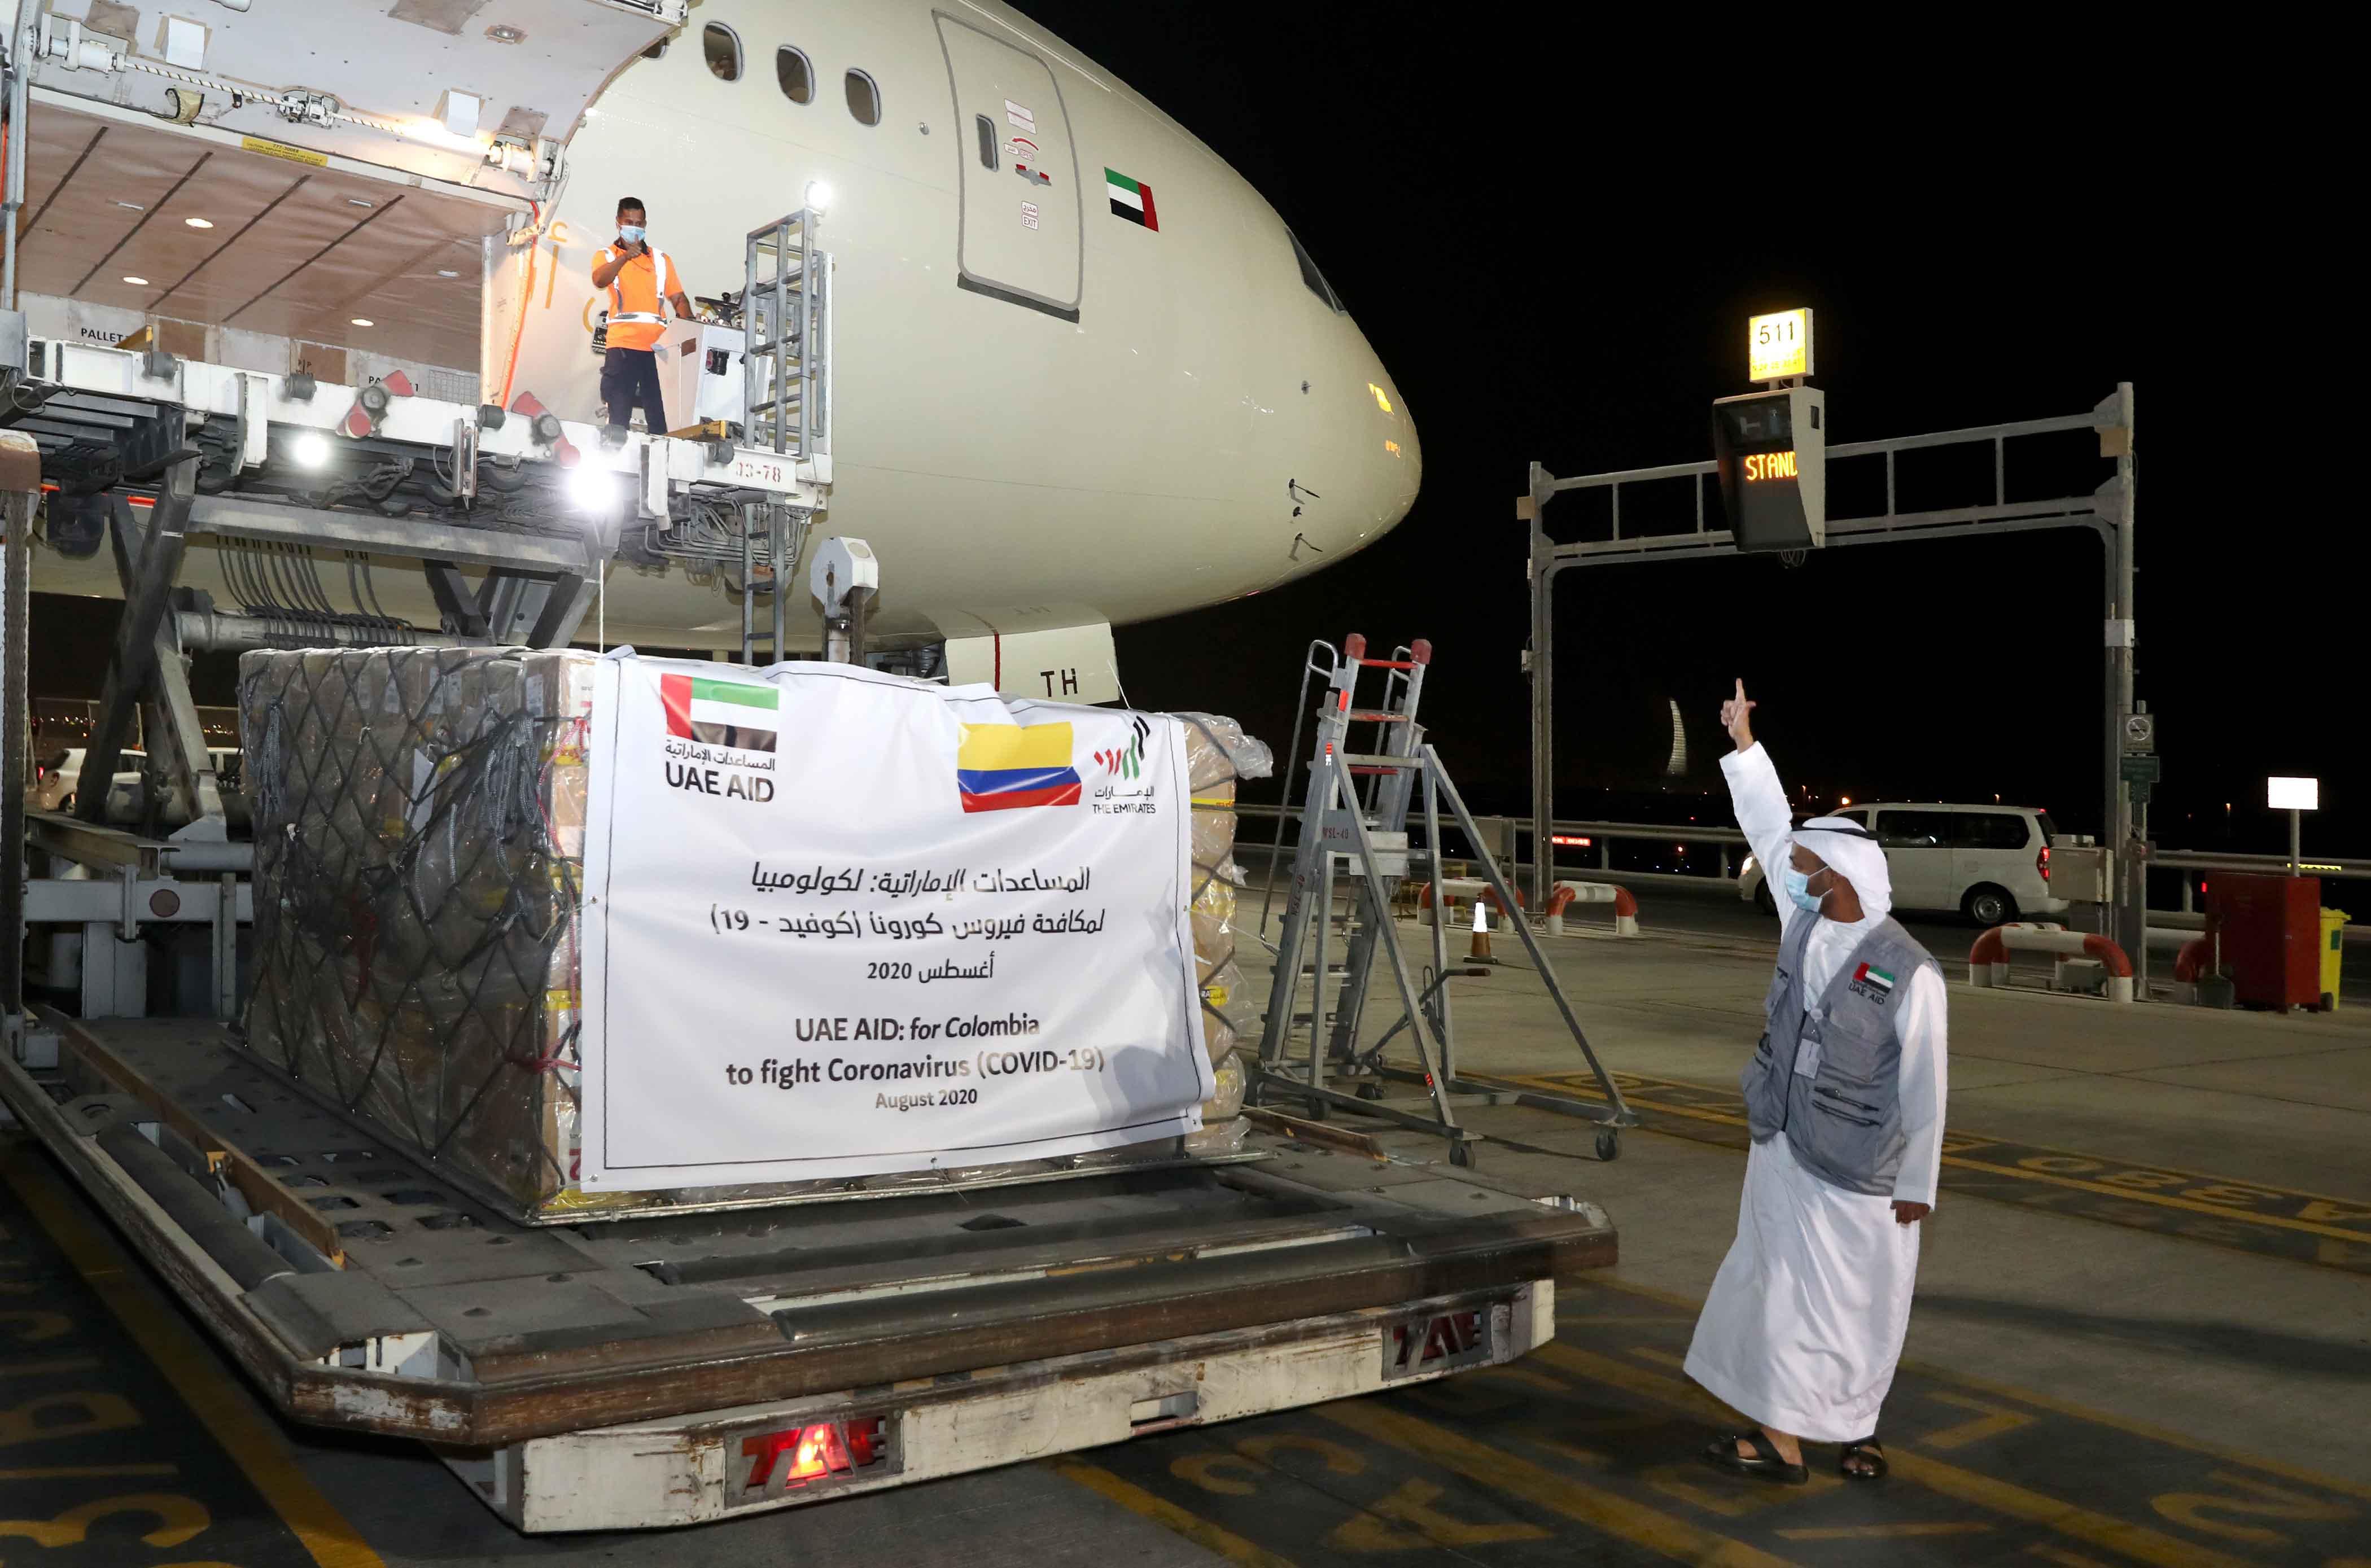 Atterrato il primo volo Tel Aviv-Abu Dhabi. A bordo anche Kushner, il genero di Trump